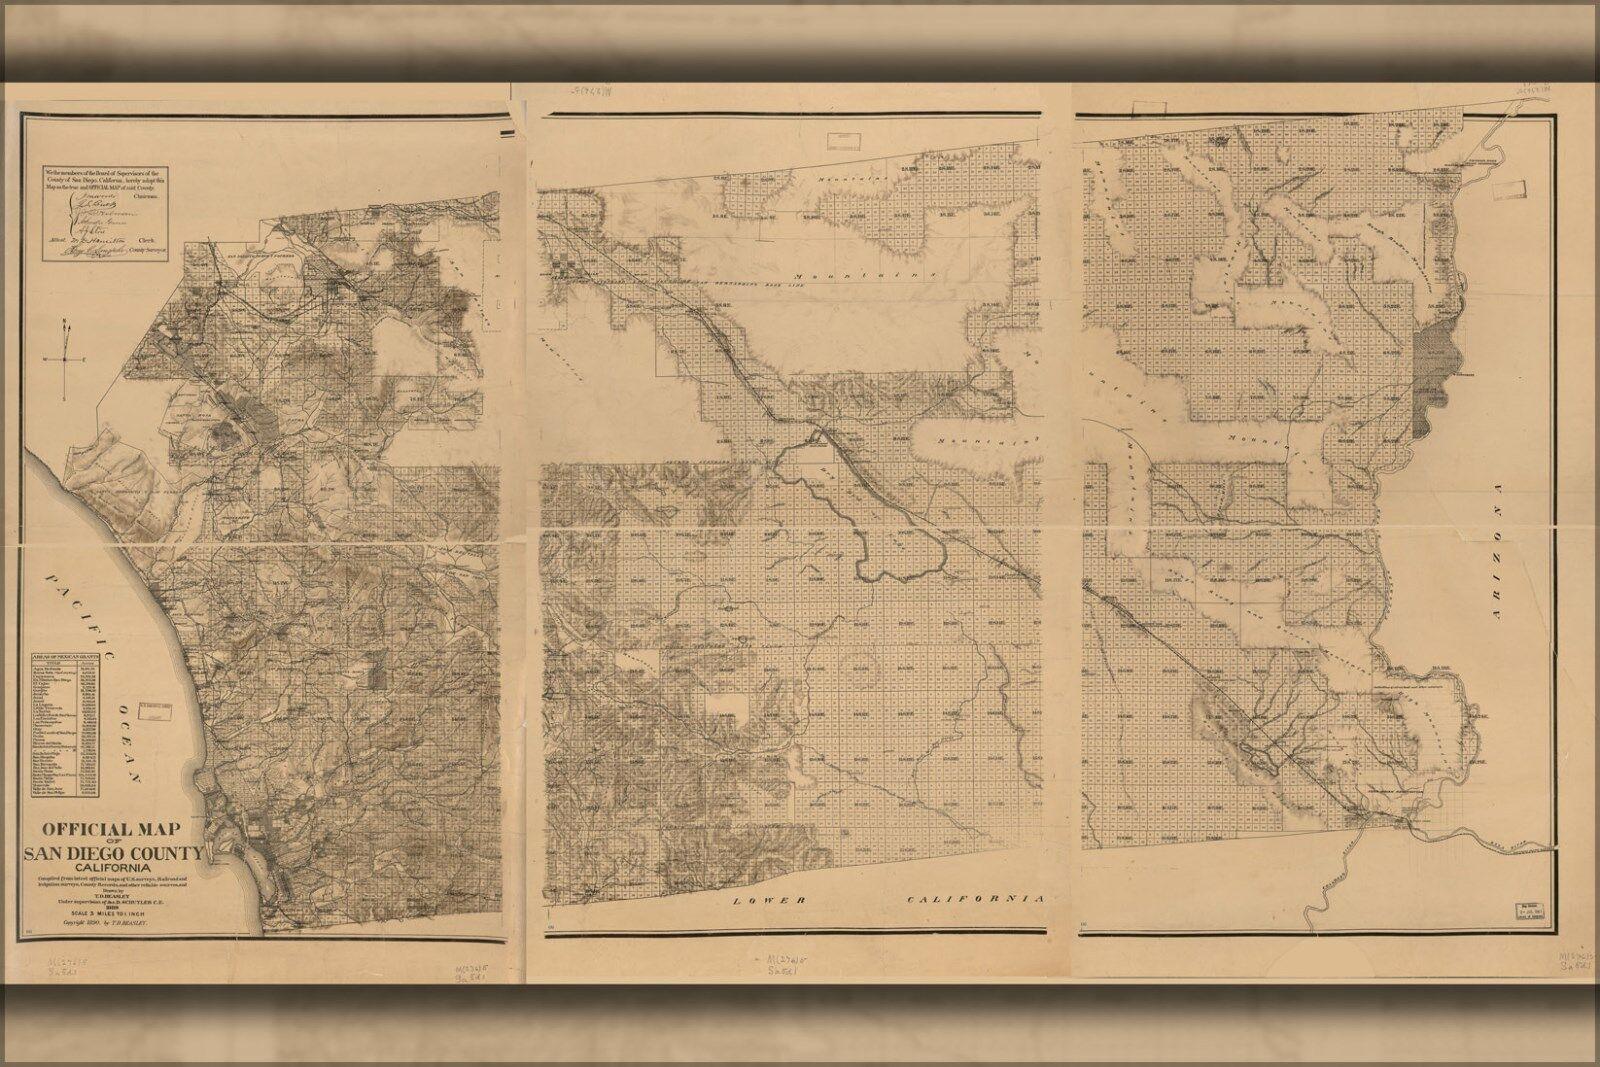 Plakat, Viele Größen; Offiziell Karte von San Diego Grafschaft,